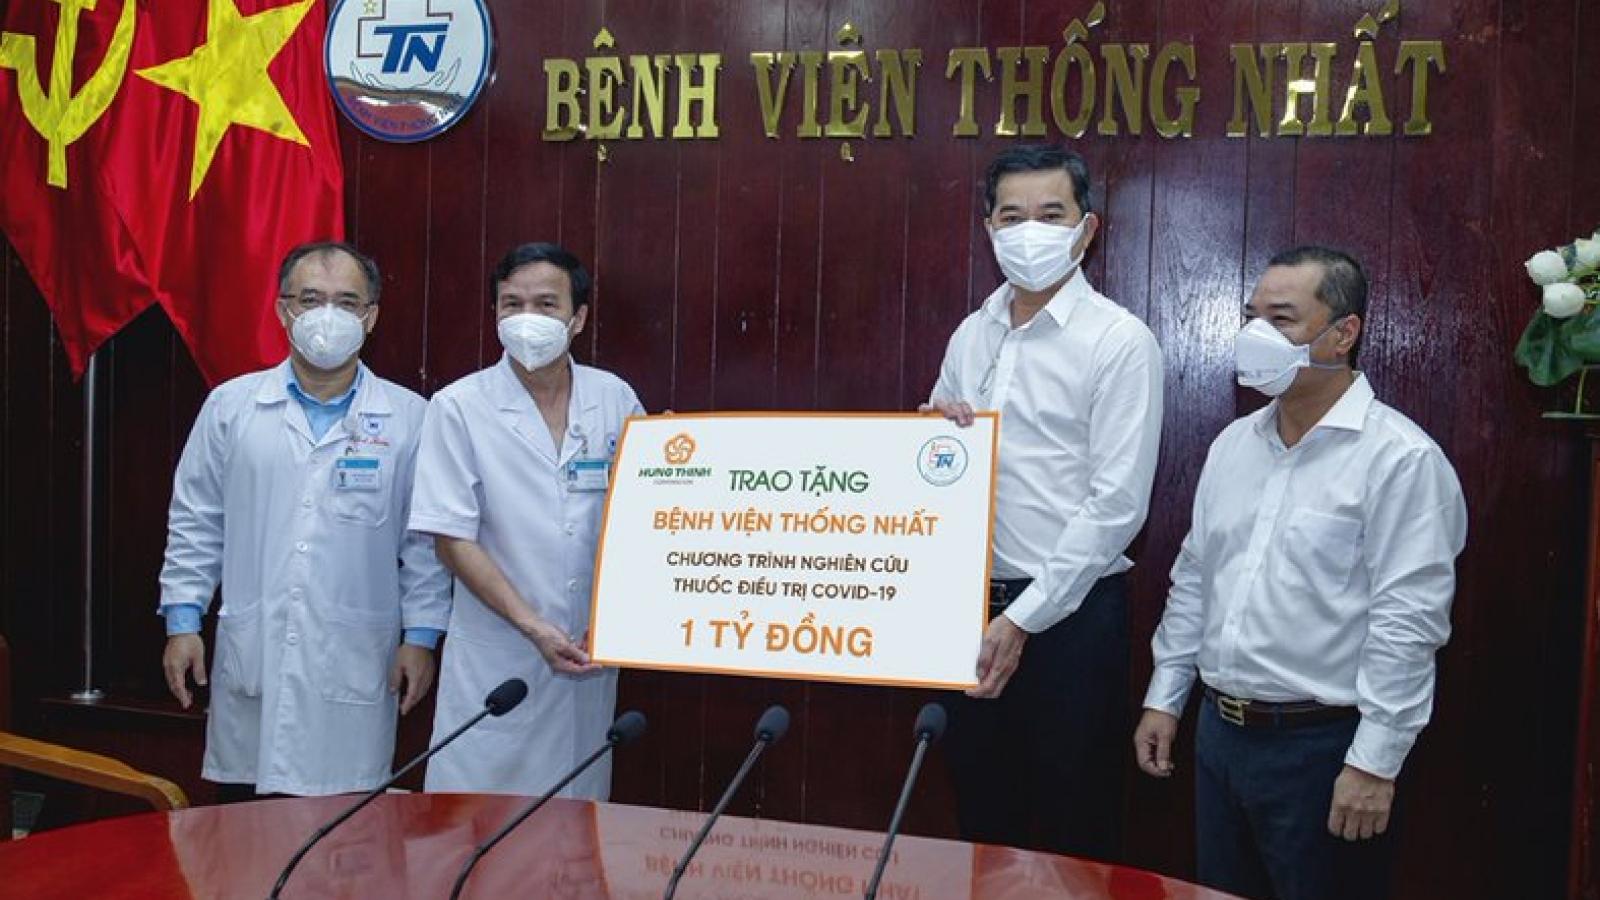 Tập đoàn Hưng Thịnh tặng1 tỷ đồng cho BV Thống Nhất nghiên cứu thuốc điều trị COVID-19